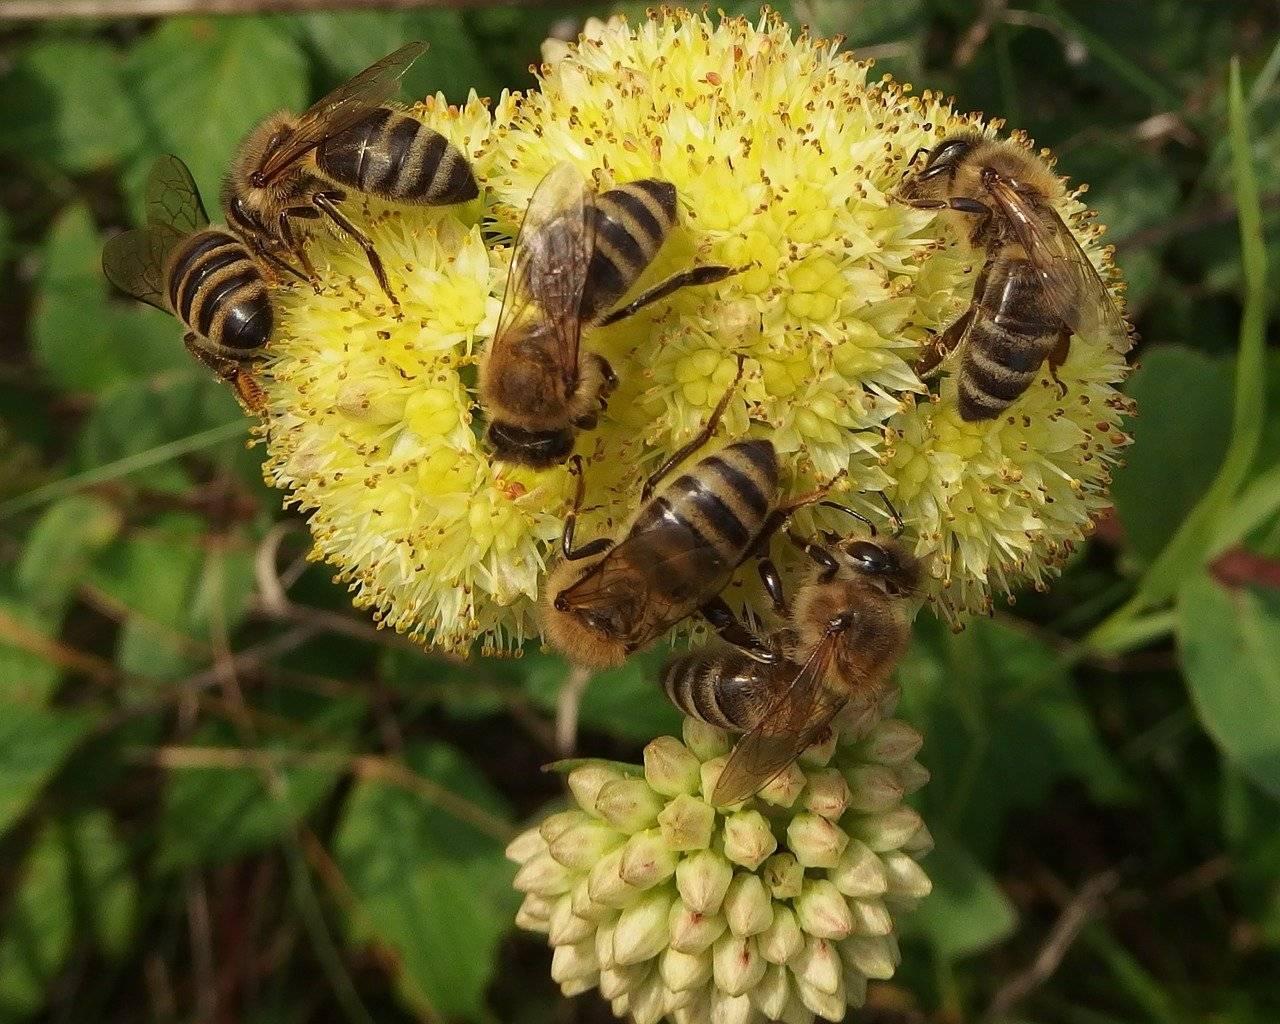 Медоносная пчела: описание, образ жизни и значение для человека